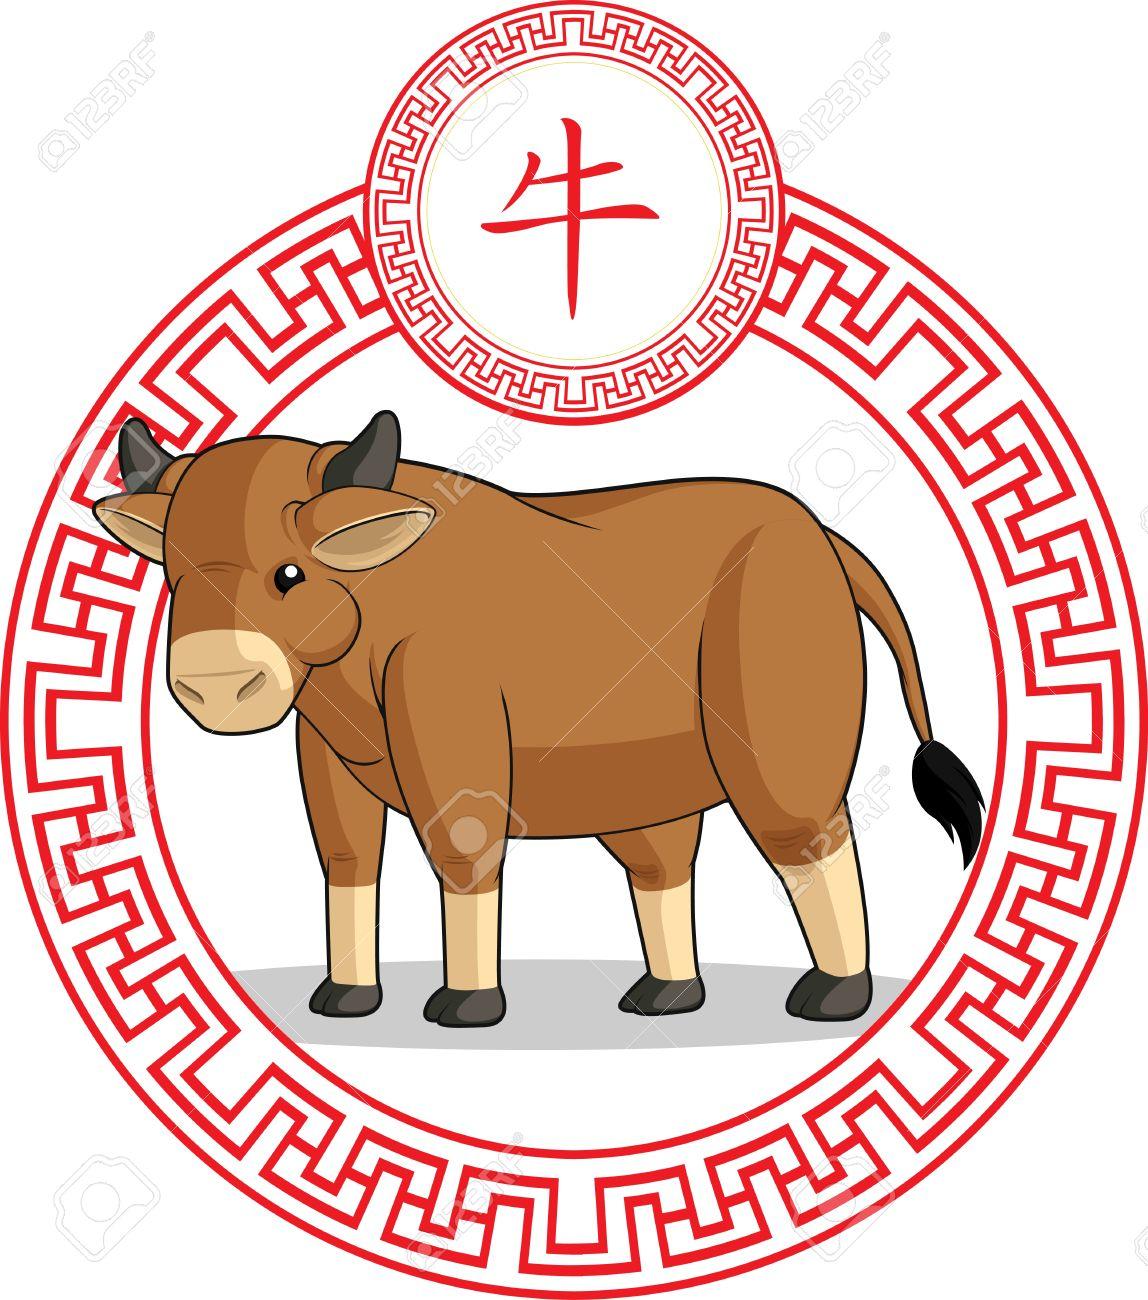 Chinese Zodiac Animal - Ox